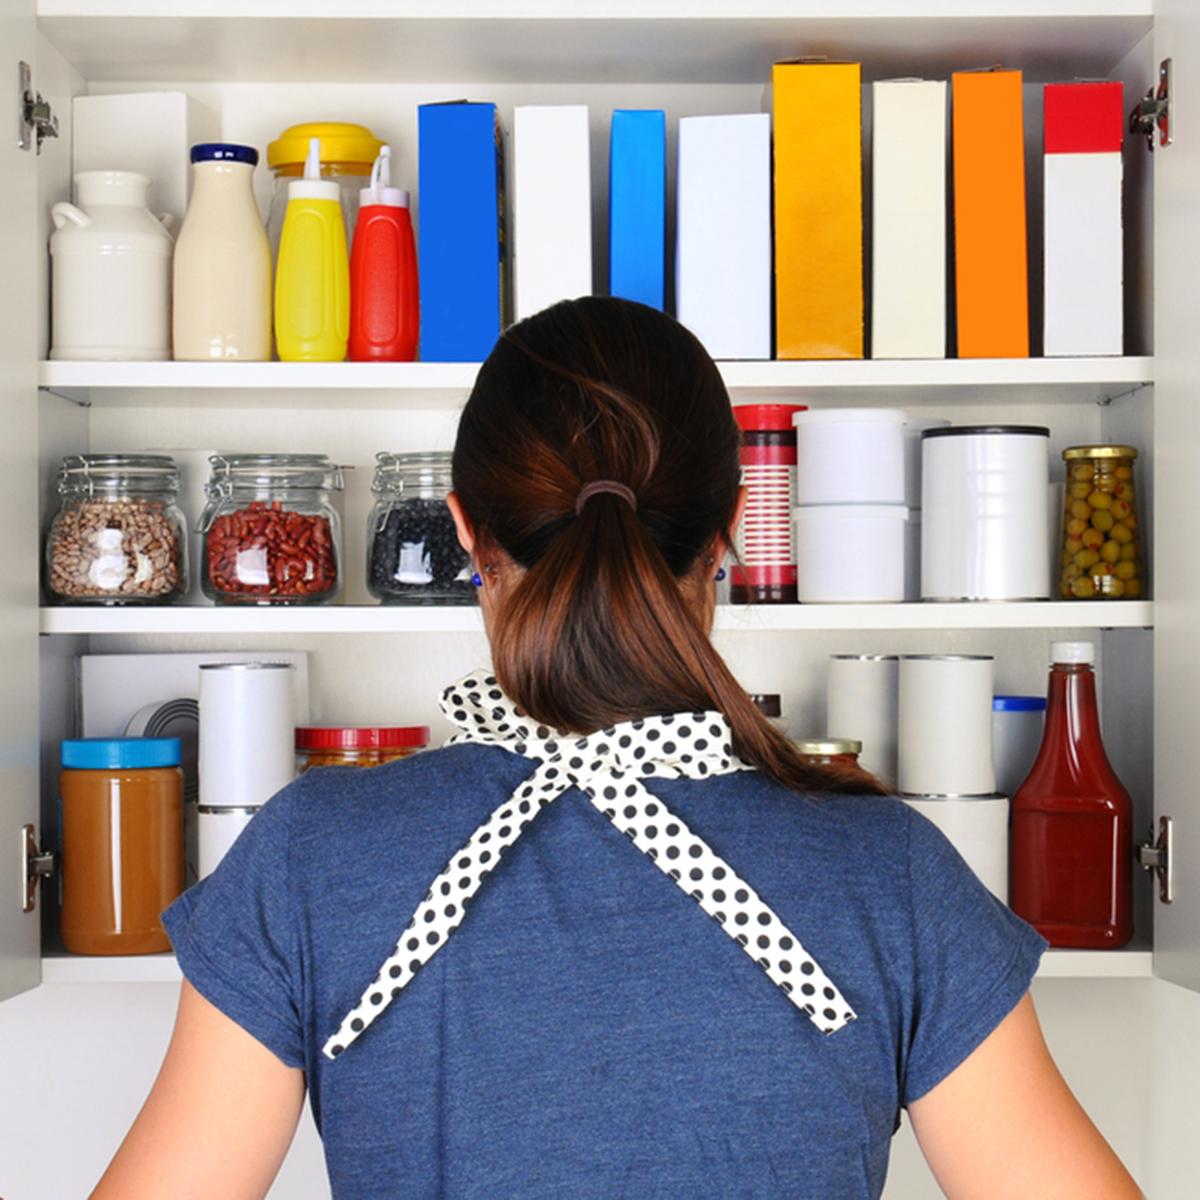 13 maneiras inteligentes de limpar e organizar seus armários